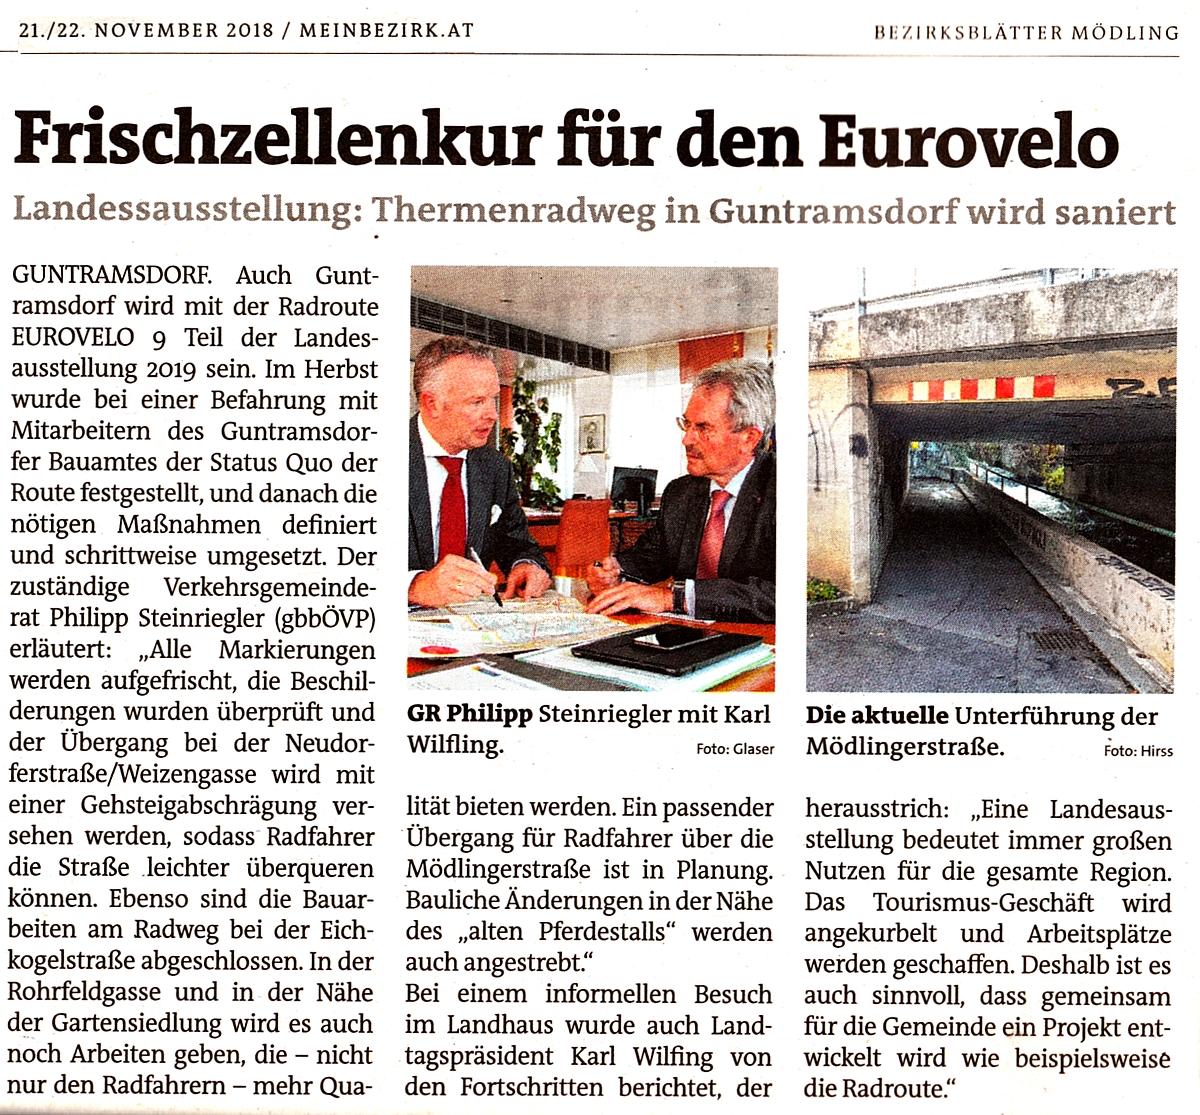 Zeitungsausschnitt Bezirksblätter: Frischzellenkur für den Eurovelo